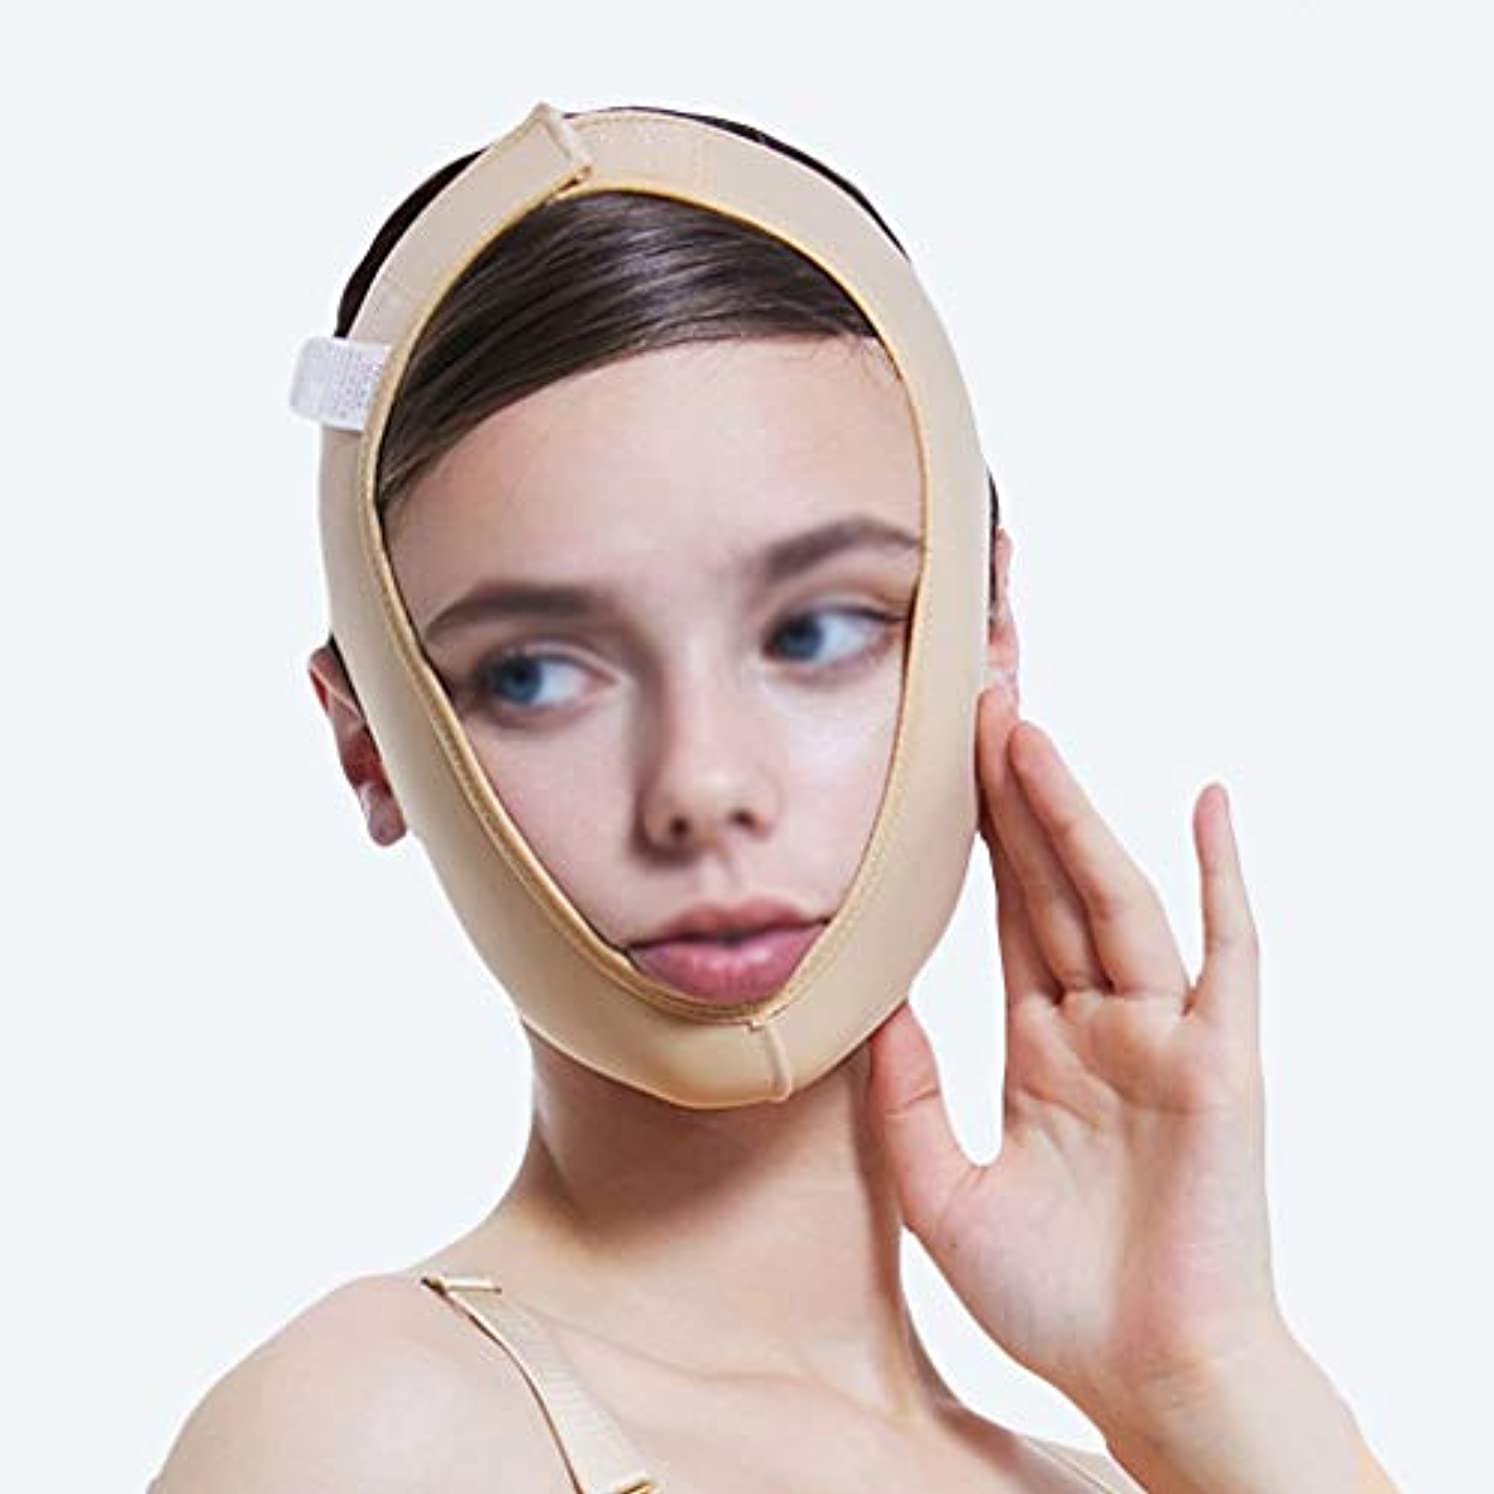 文芸媒染剤素晴らしいですXHLMRMJ フェイスリフティングマッサージフェイスリフティング、フェイスバンド引き締め肌用包帯、首の圧縮面、超薄型、リフティング引き締め (Size : S)